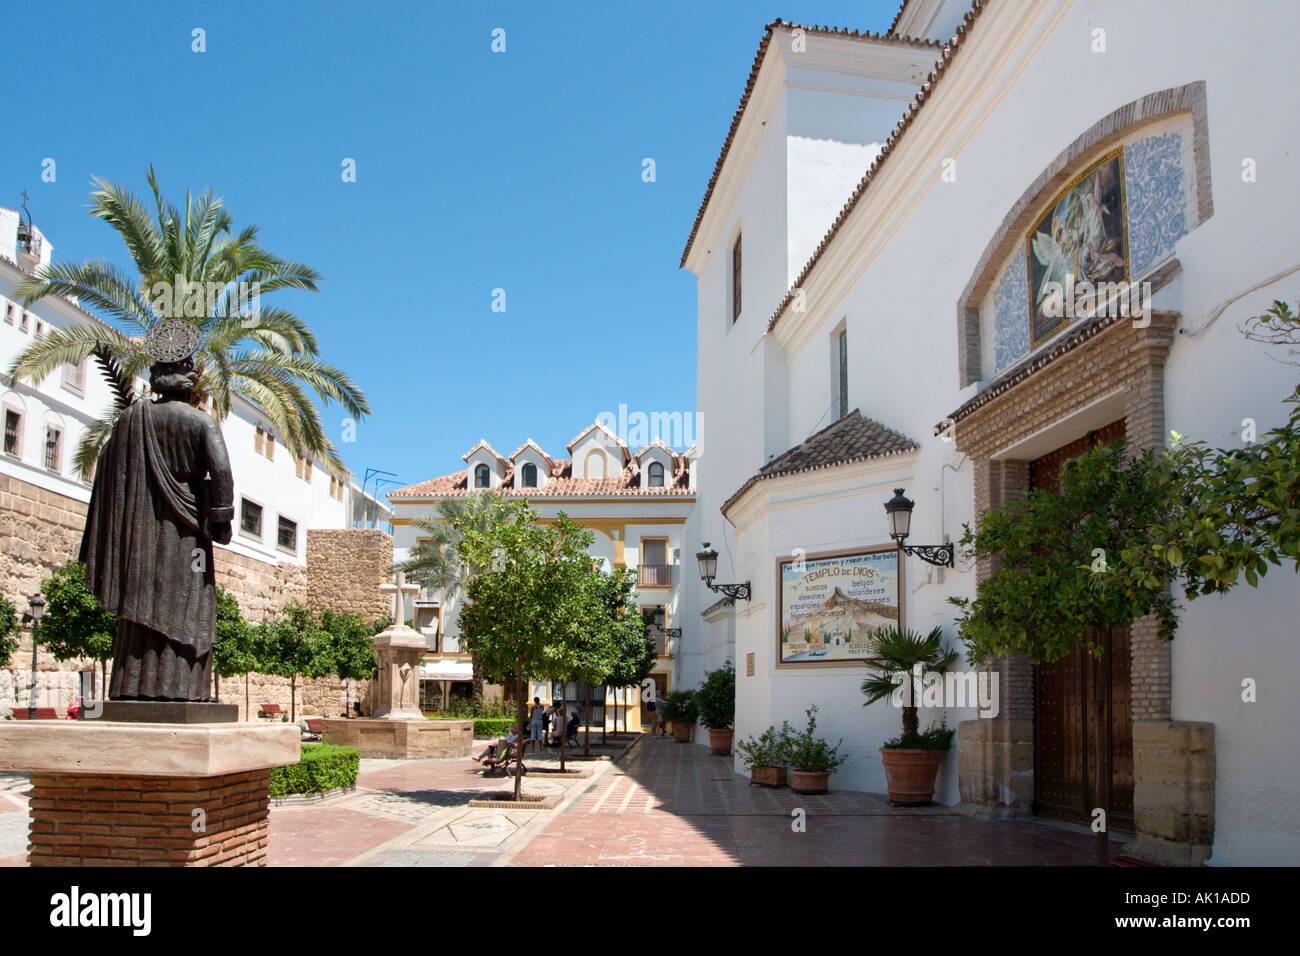 Plaza de la Iglesia, Casco Antiguo (Old Town), Marbella, Costa del Sol, Andalusia, Spain - Stock Image